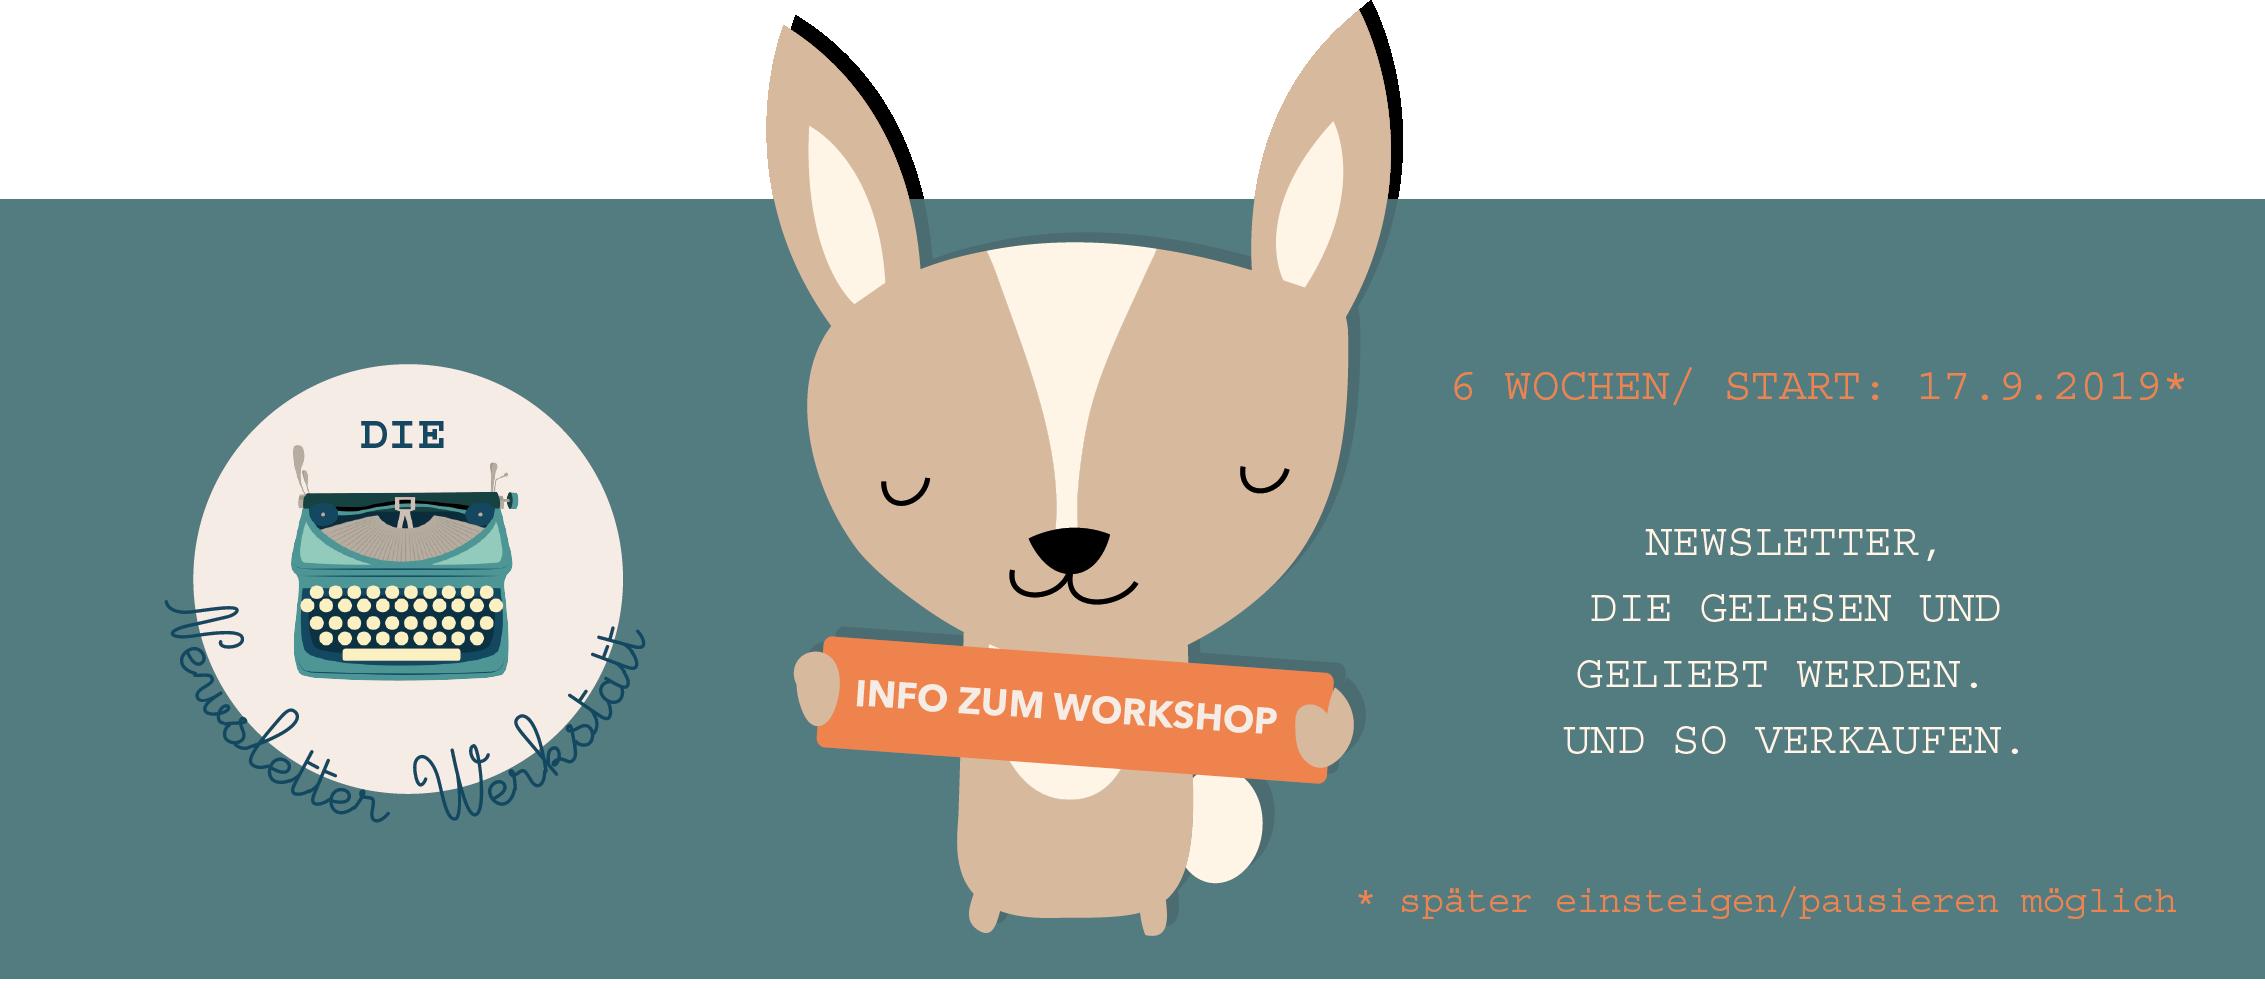 grafik_workshop.png